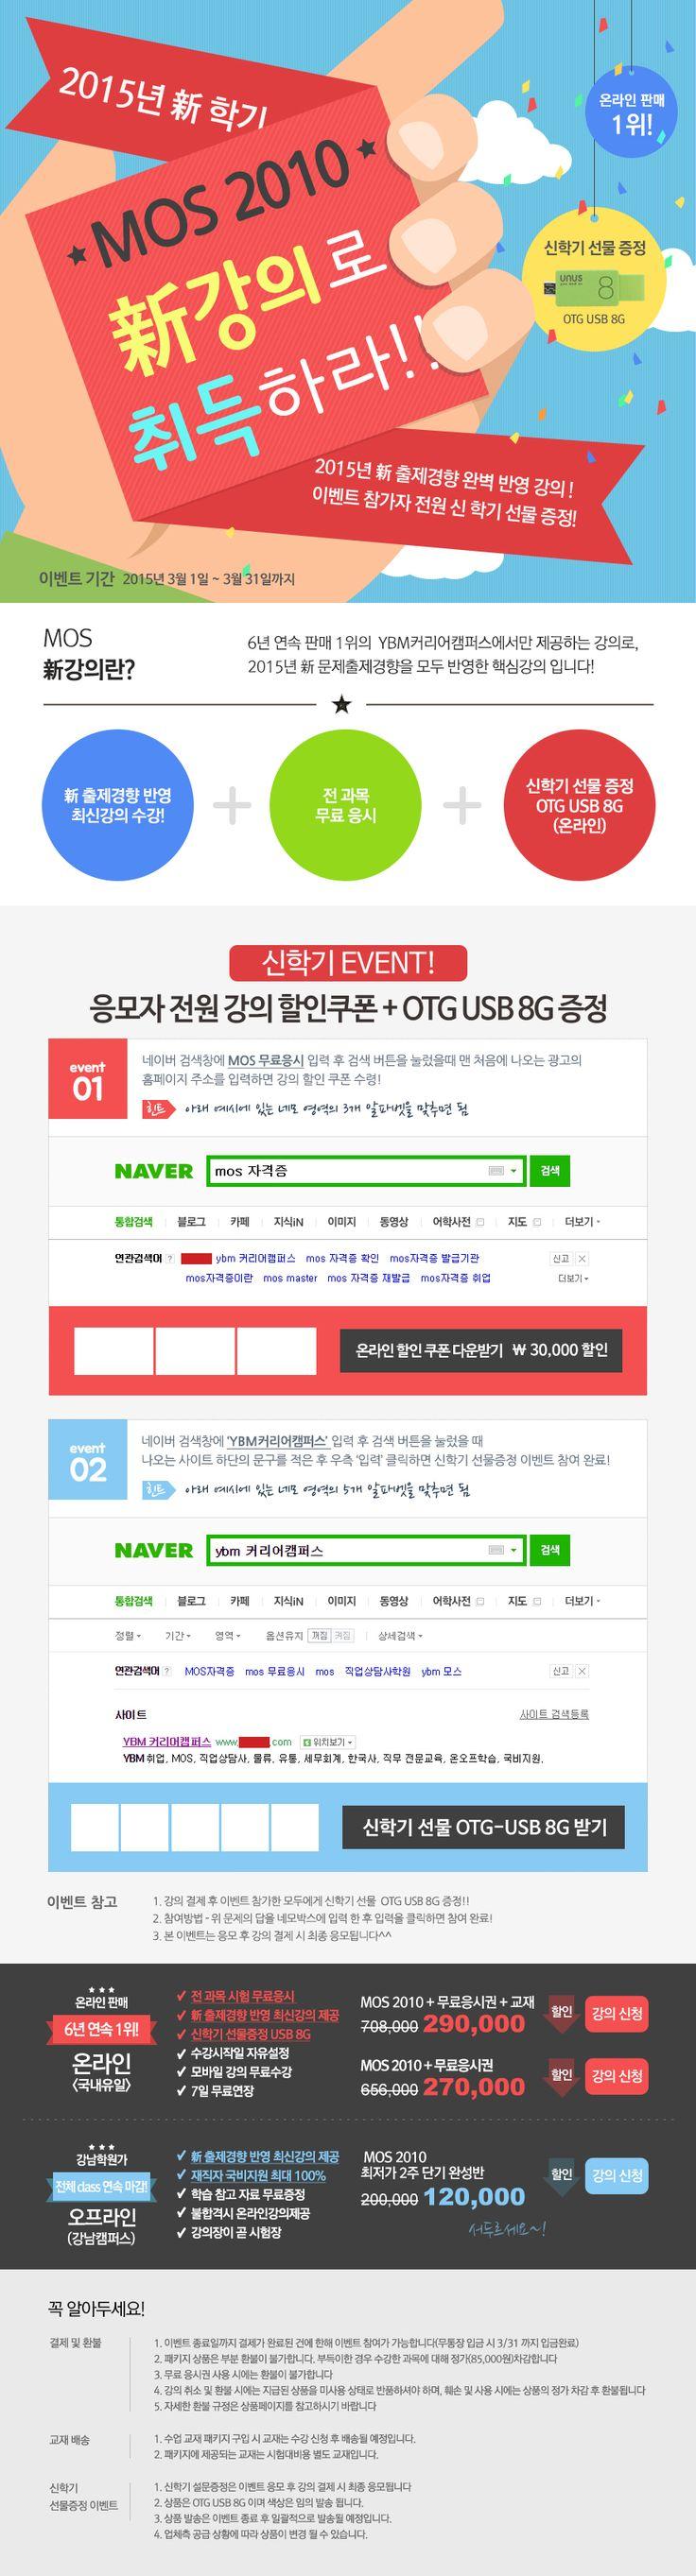 [커리어캠퍼스] mos 3월 신학기 이벤트(이효진)